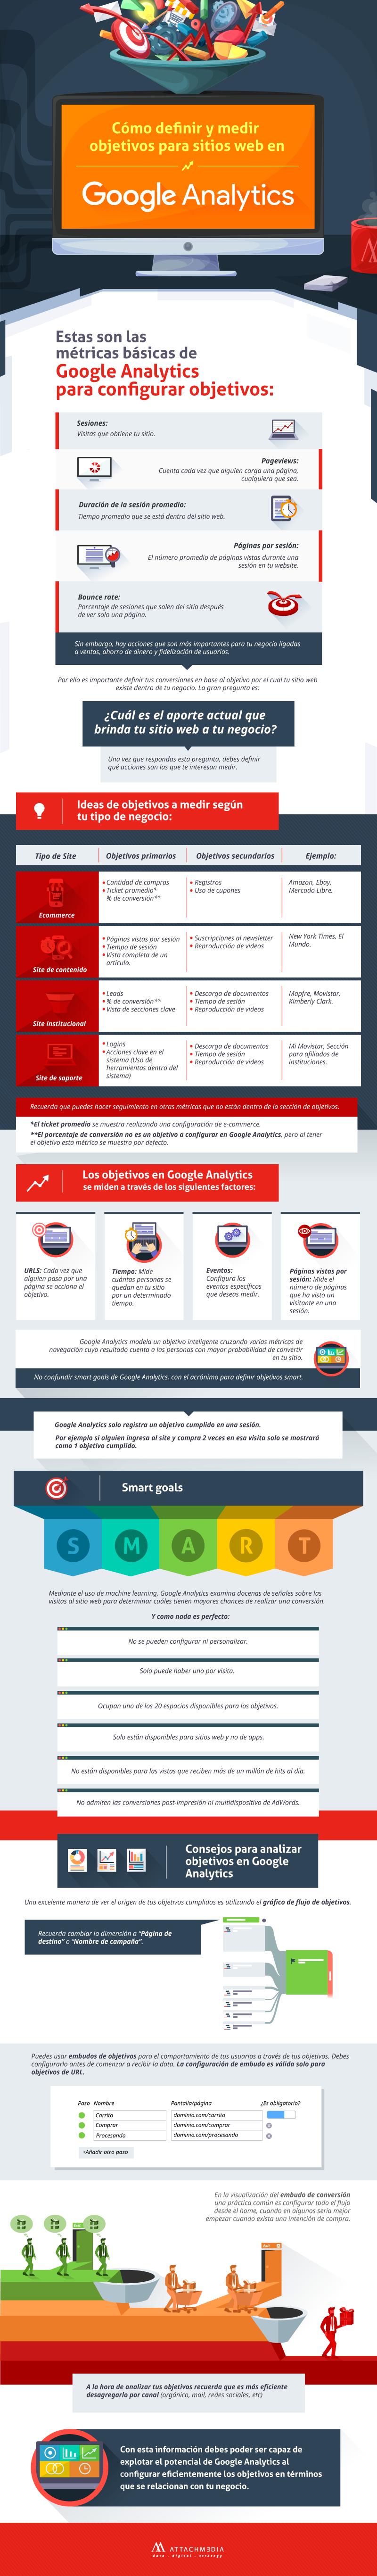 Infografía Cómo definir y medir objetivos para sitios web en Google Analytics